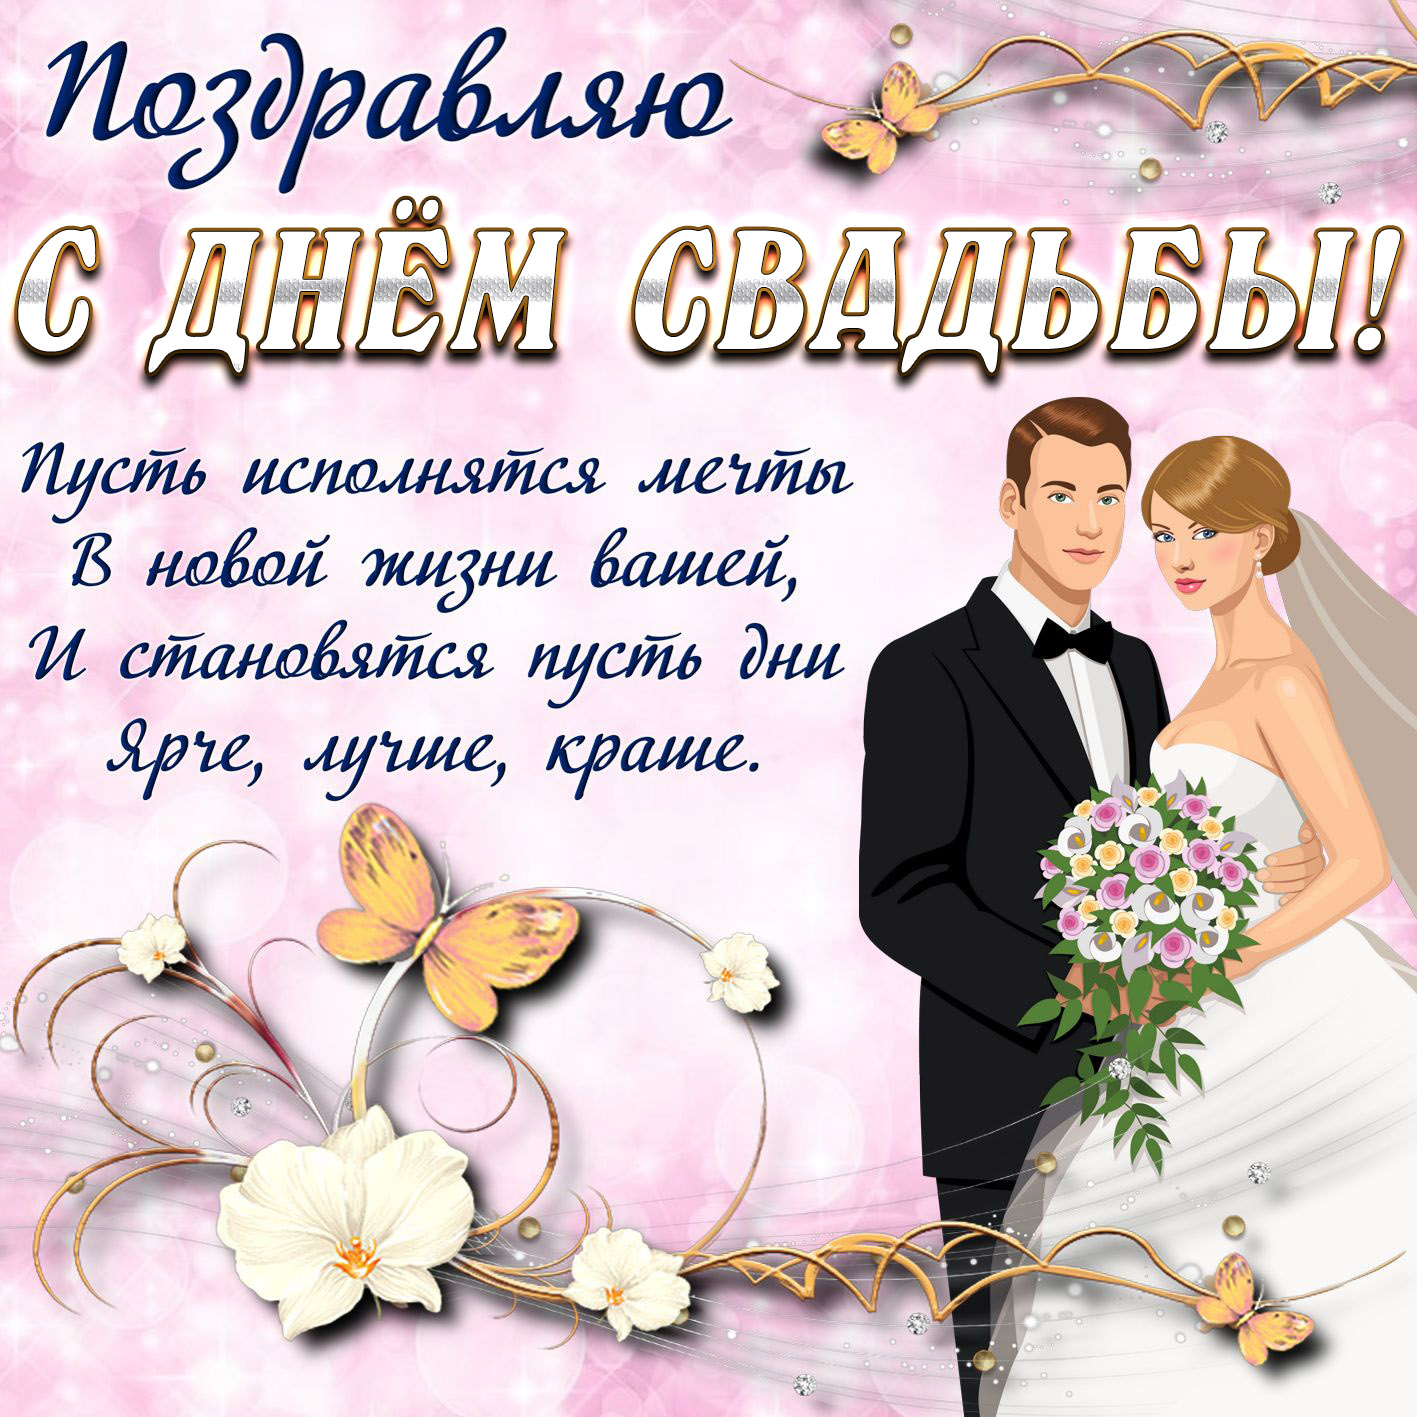 Красивая открытка к дню свадьбы